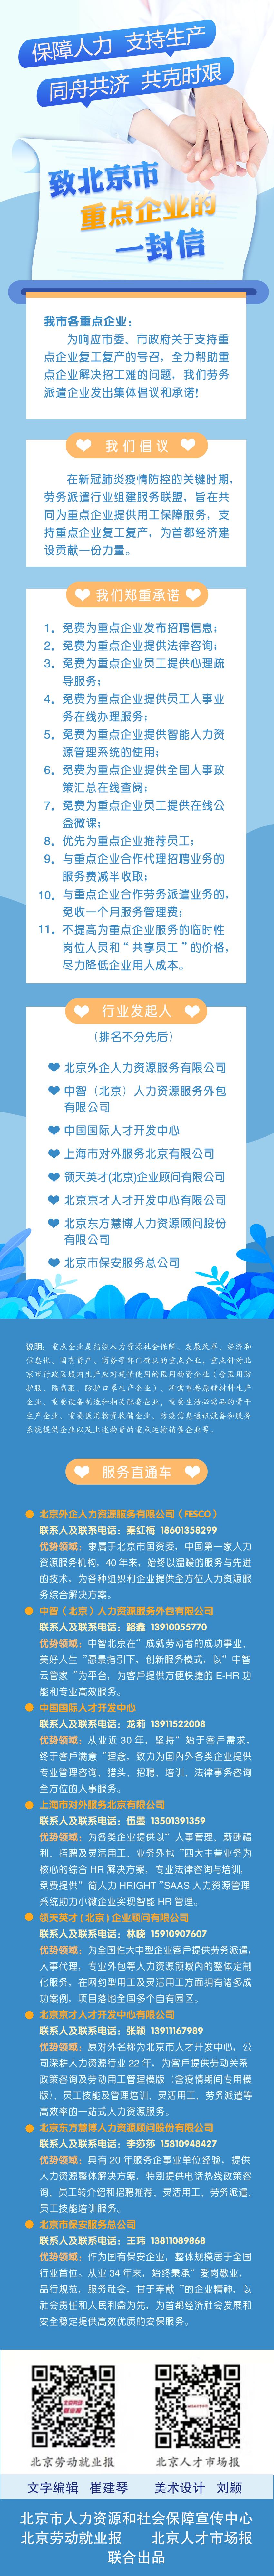 """北京复工!疫情之下,京城开启硬核""""复苏战""""!"""